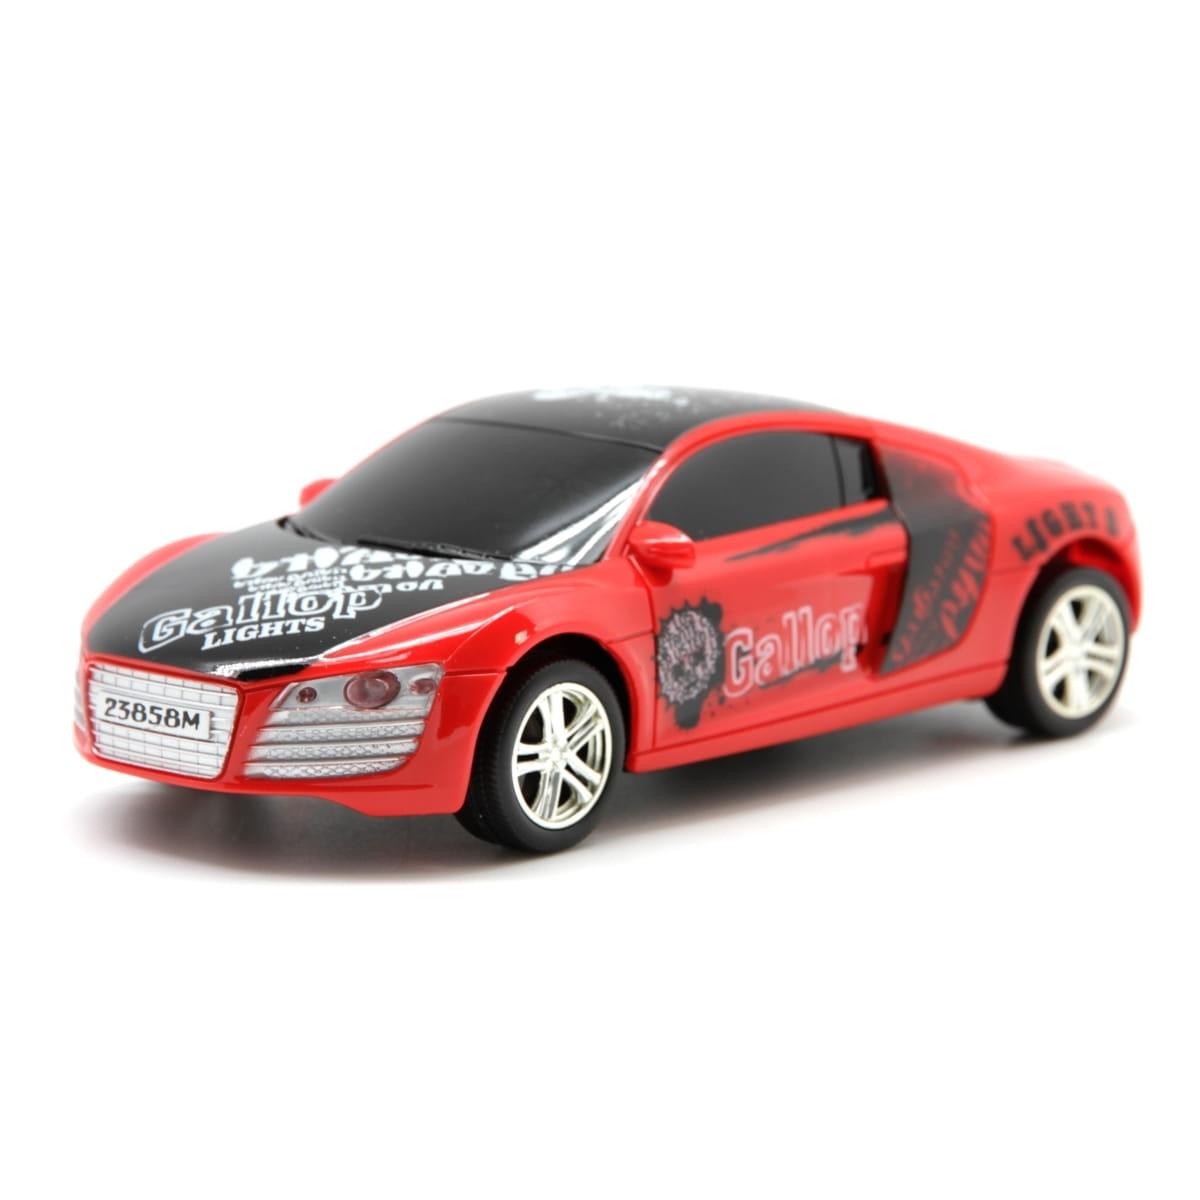 Радиоуправляемый спортивный автомобиль Balbi 1:24  красный - Радиоуправляемые игрушки